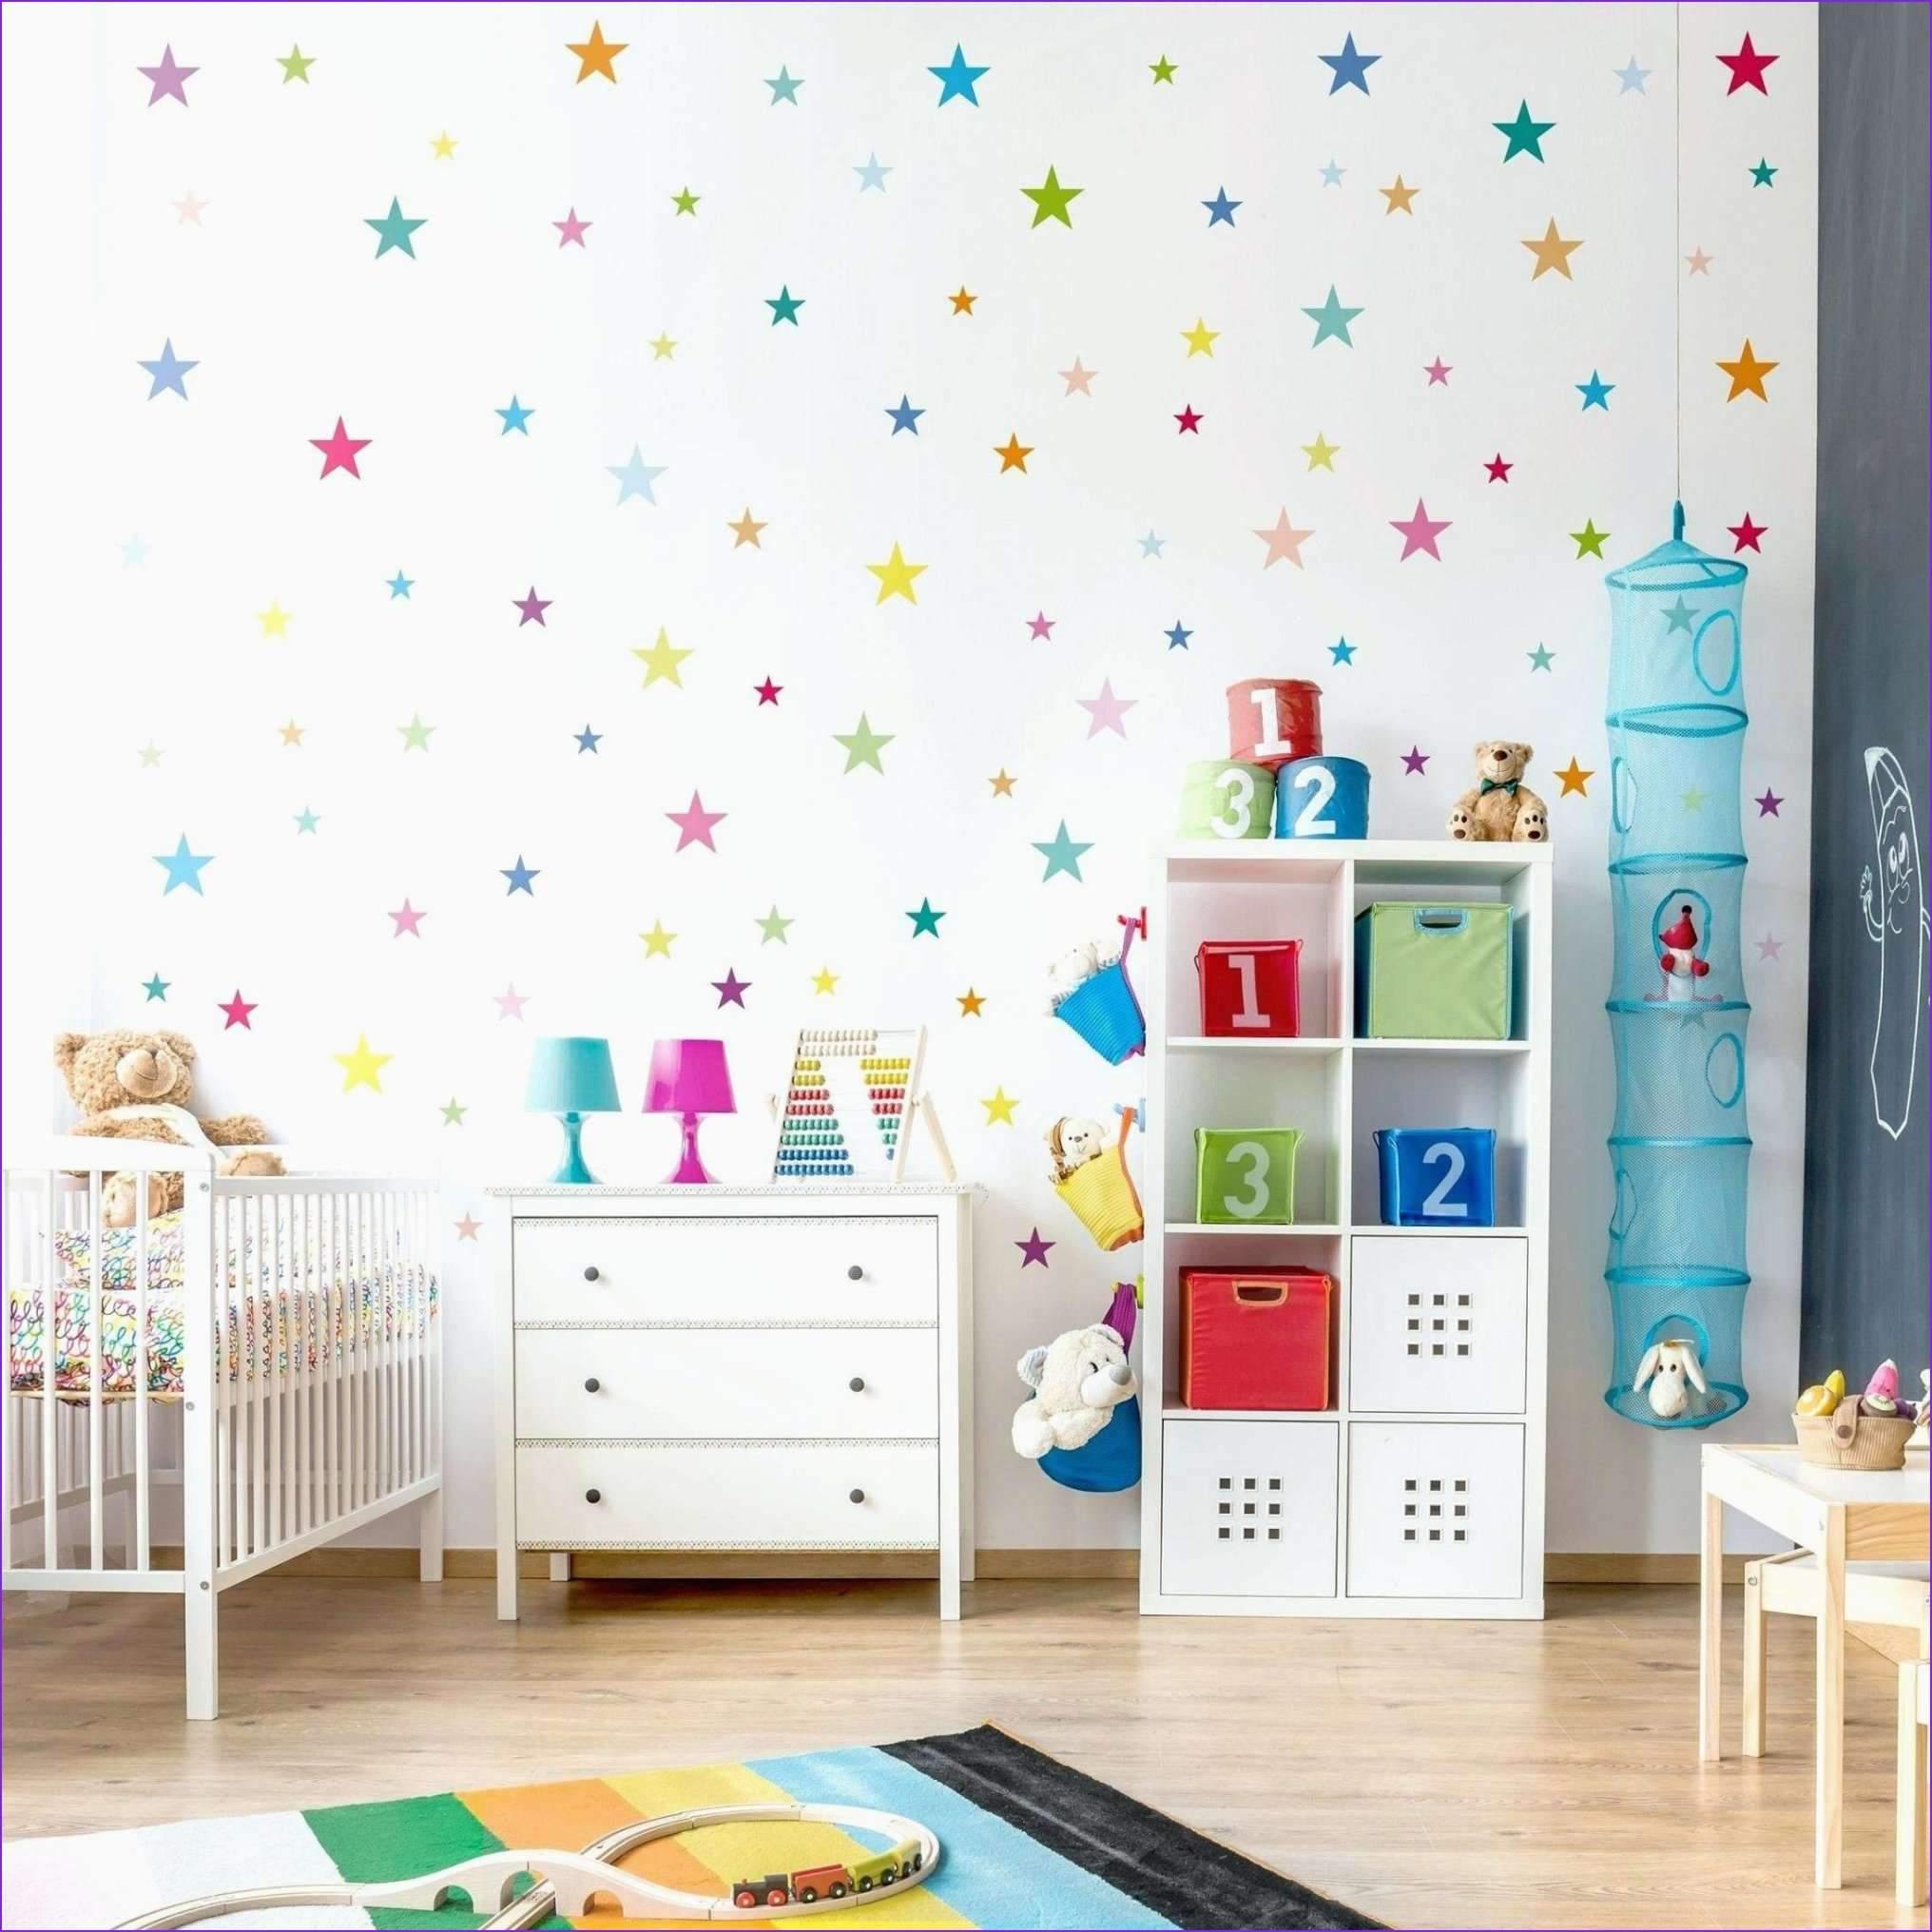 Full Size of Wandsticker Wohnzimmer Genial Wandtattoo Baum Babyzimmer Amegweb Regale Kinderzimmer Sofa Regal Weiß Kinderzimmer Wandaufkleber Kinderzimmer